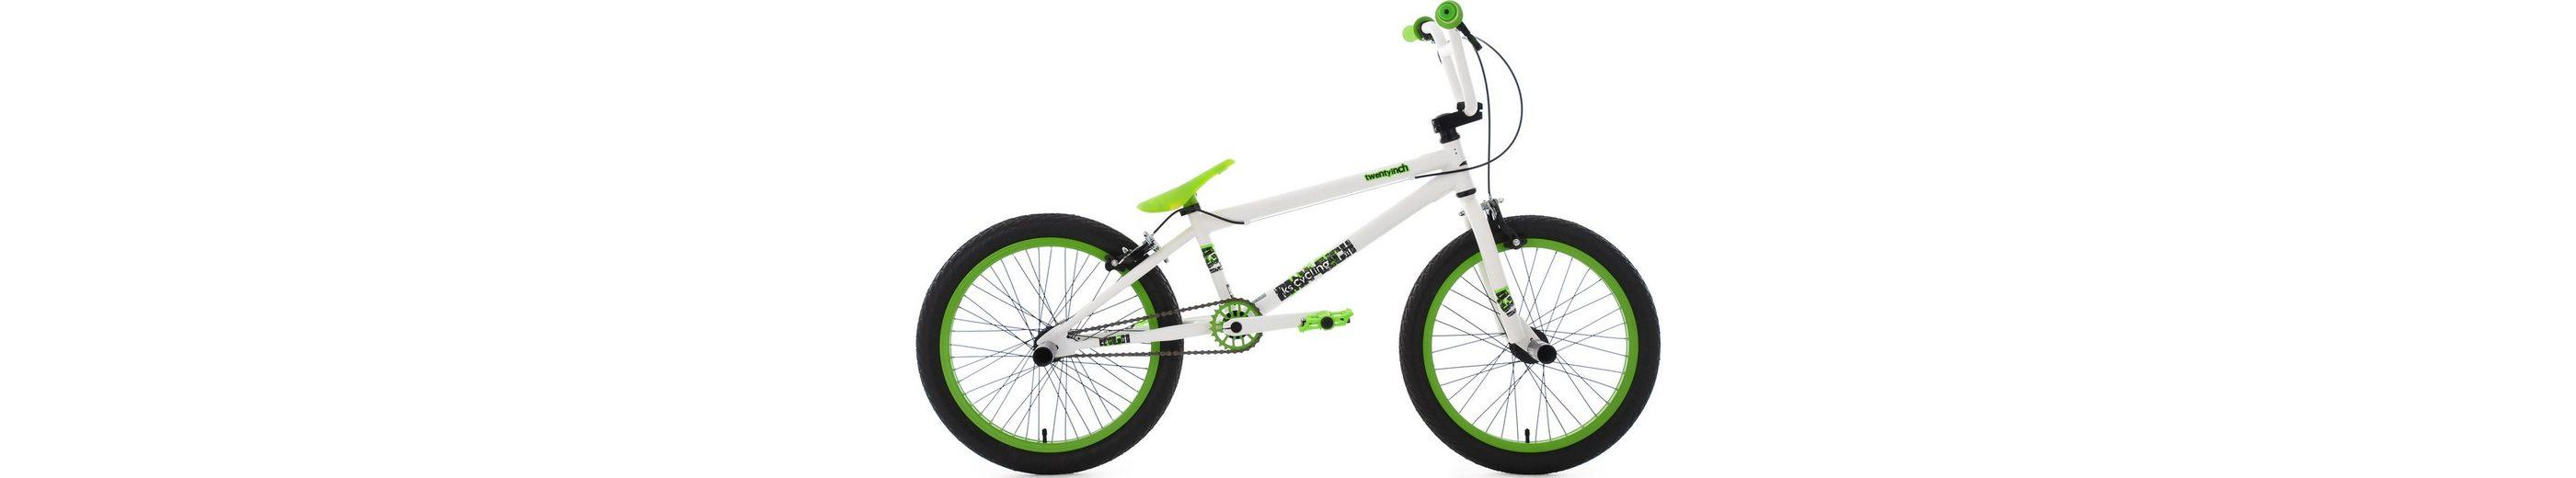 KS Cycling BMX Fahrrad, 20 Zoll, »Twentyinch«